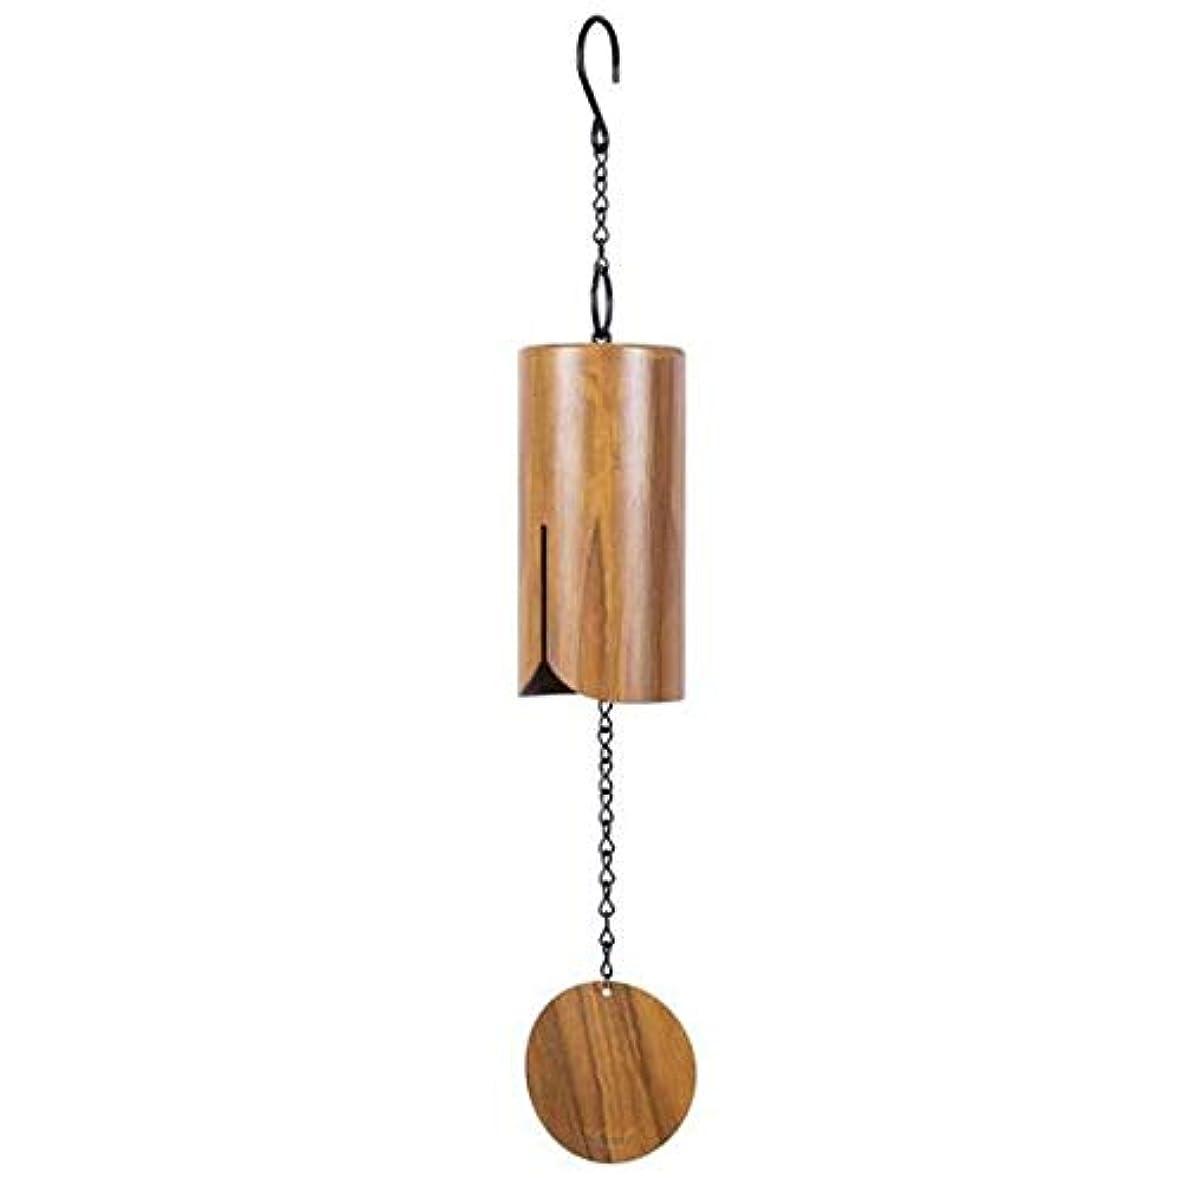 支配的オート刺しますHongyushanghang 風チャイム、アイアンレトロクリエイティブ風の鐘、ブラック、全身について76センチメートル,、ジュエリークリエイティブホリデーギフトを掛ける (Color : Brown)